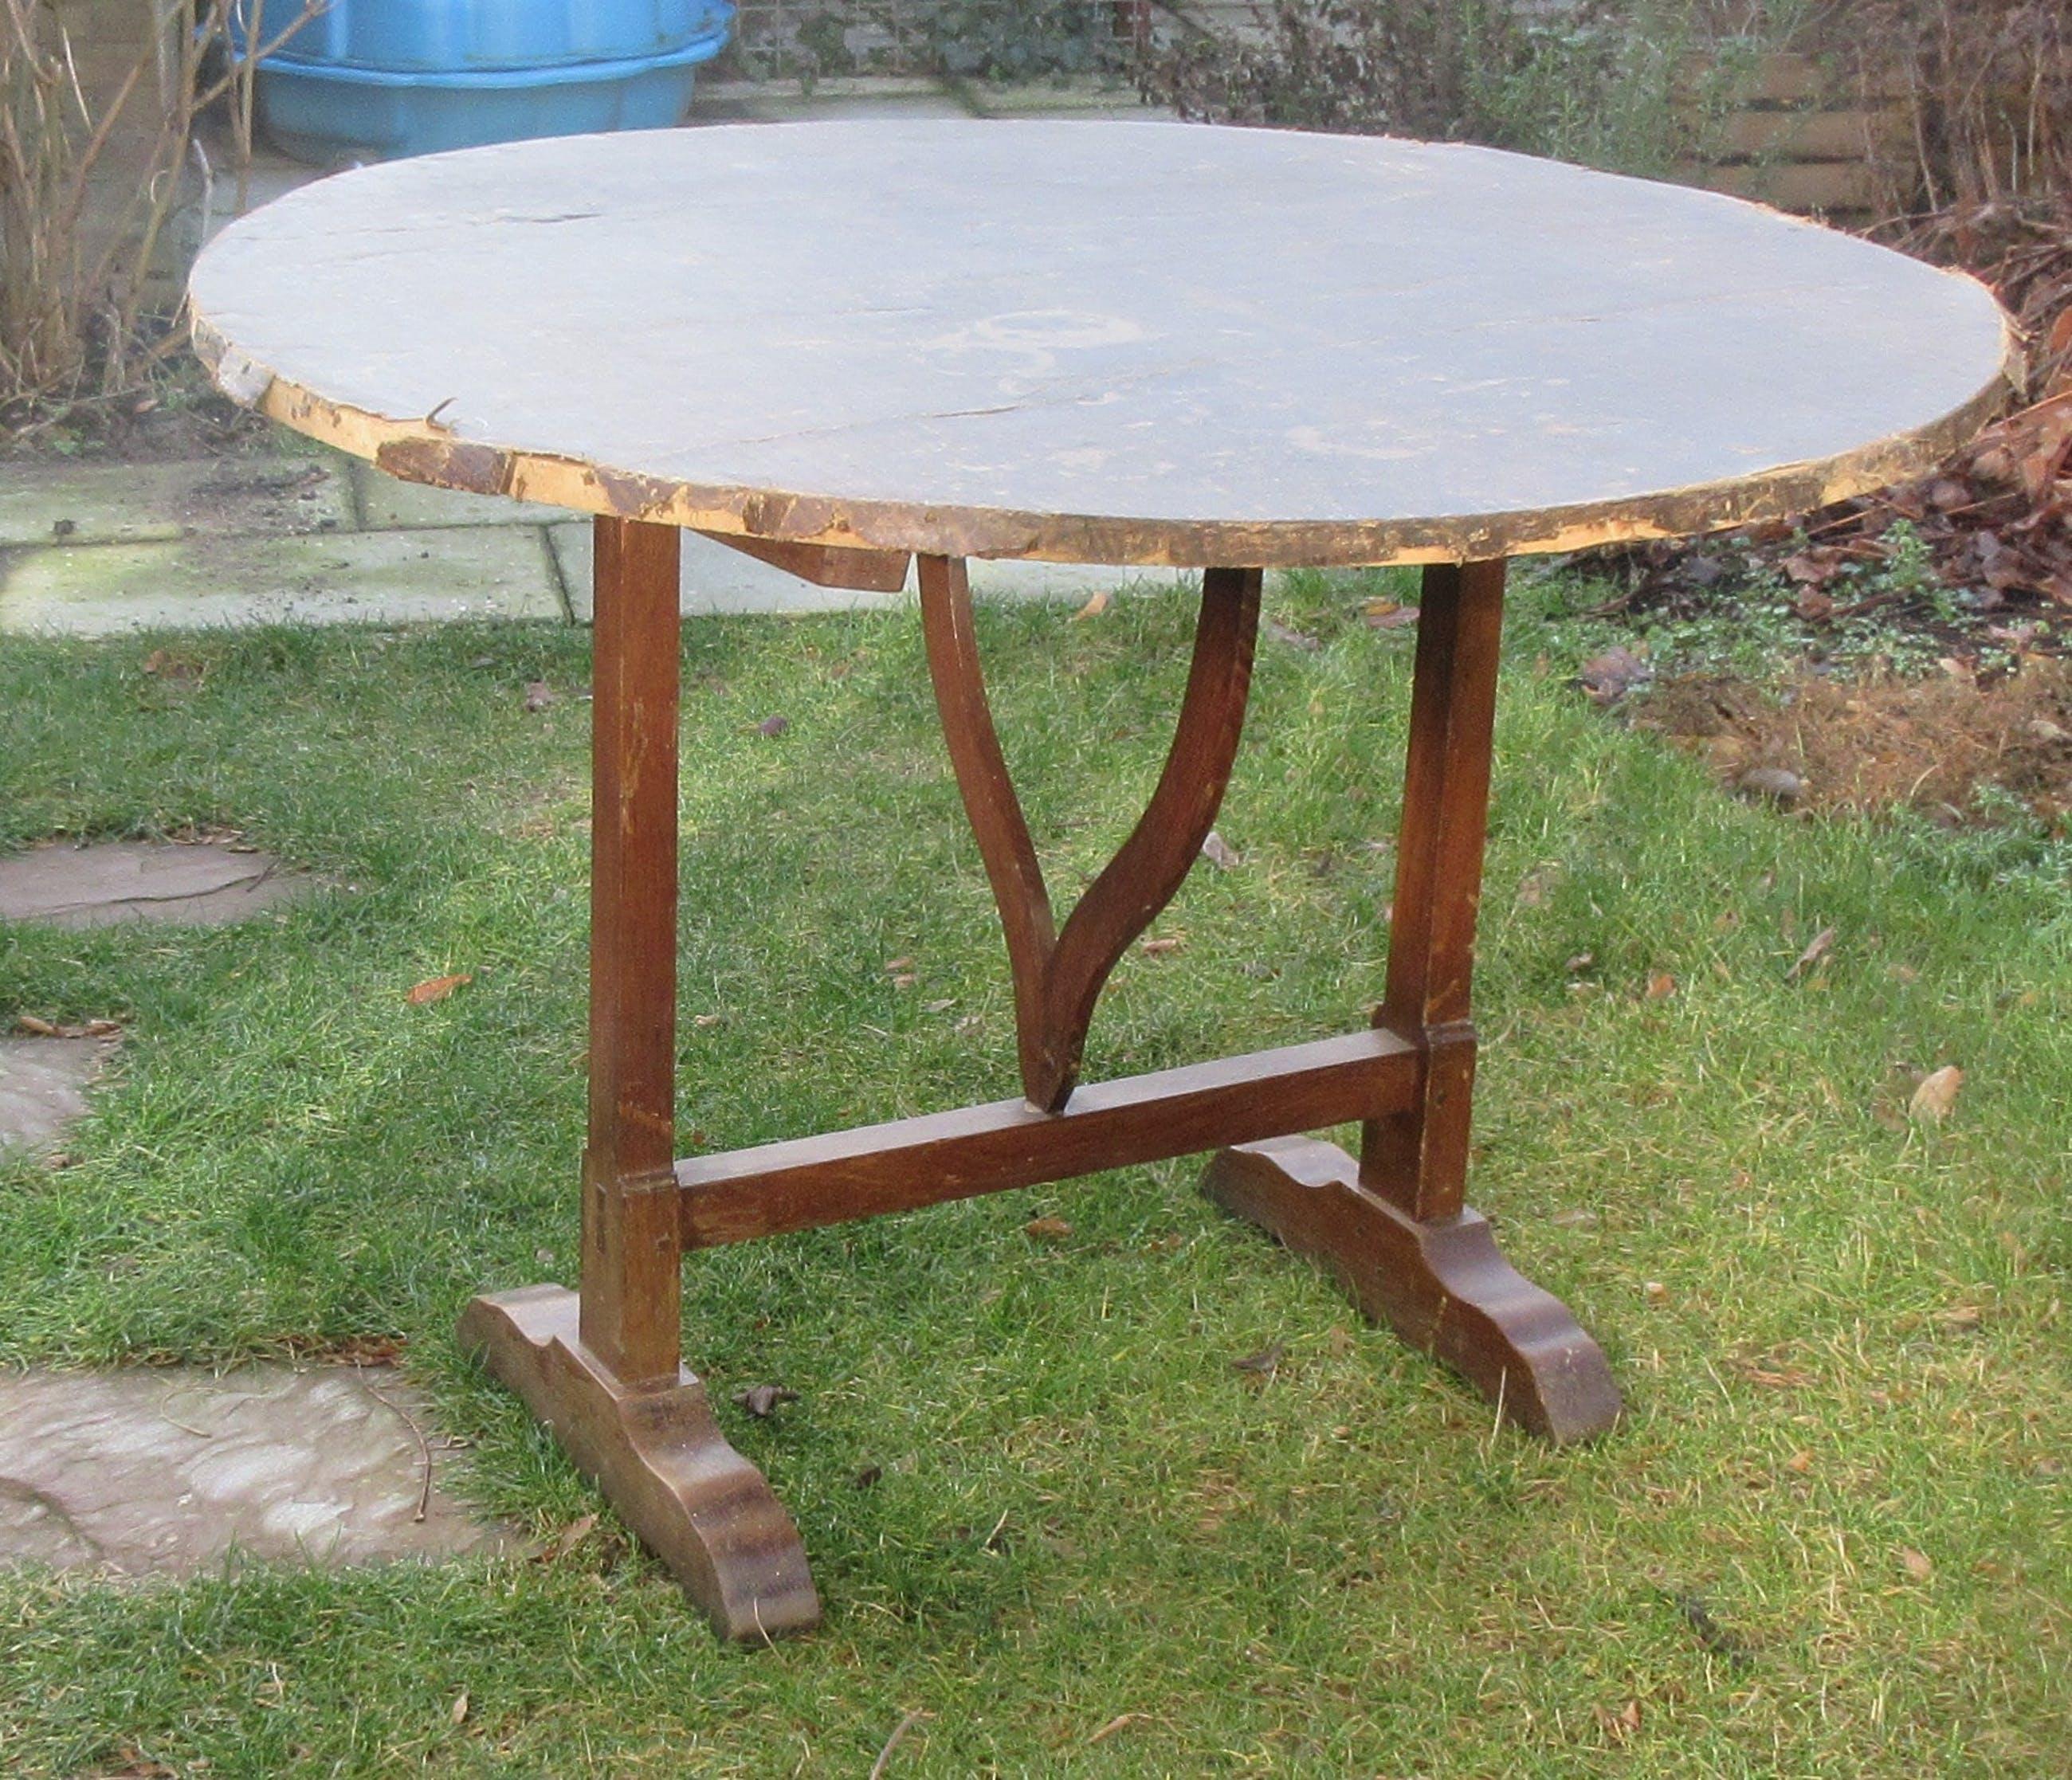 Niet of onleesbaar gesigneerd - Oak vigneron table from France - ca. 1940 kopen? Bied vanaf 10!